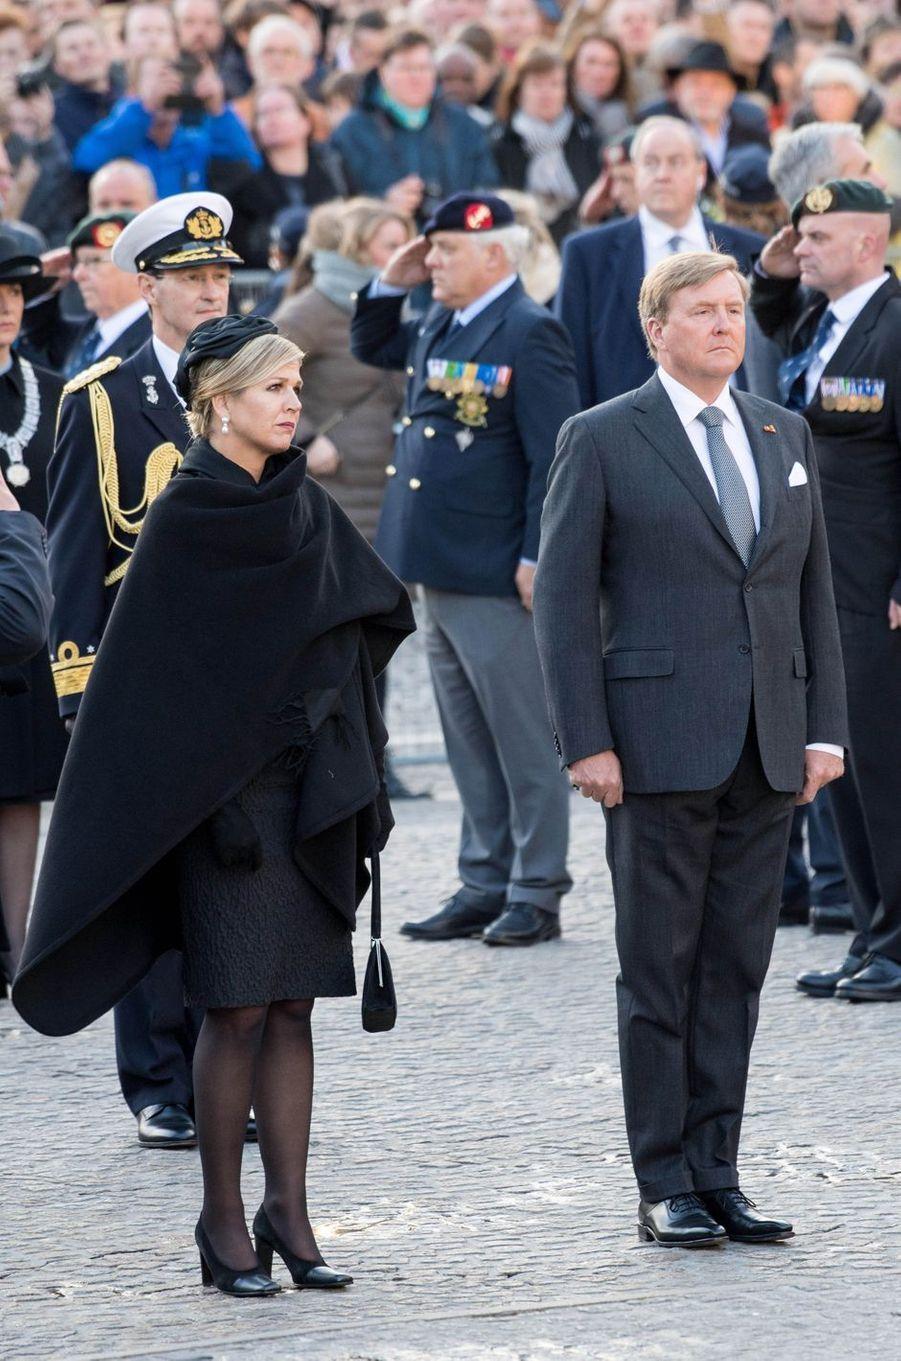 La reine Maxima et le roi Willem-Alexander des Pays-Bas à Amsterdam, le 4 mai 2019